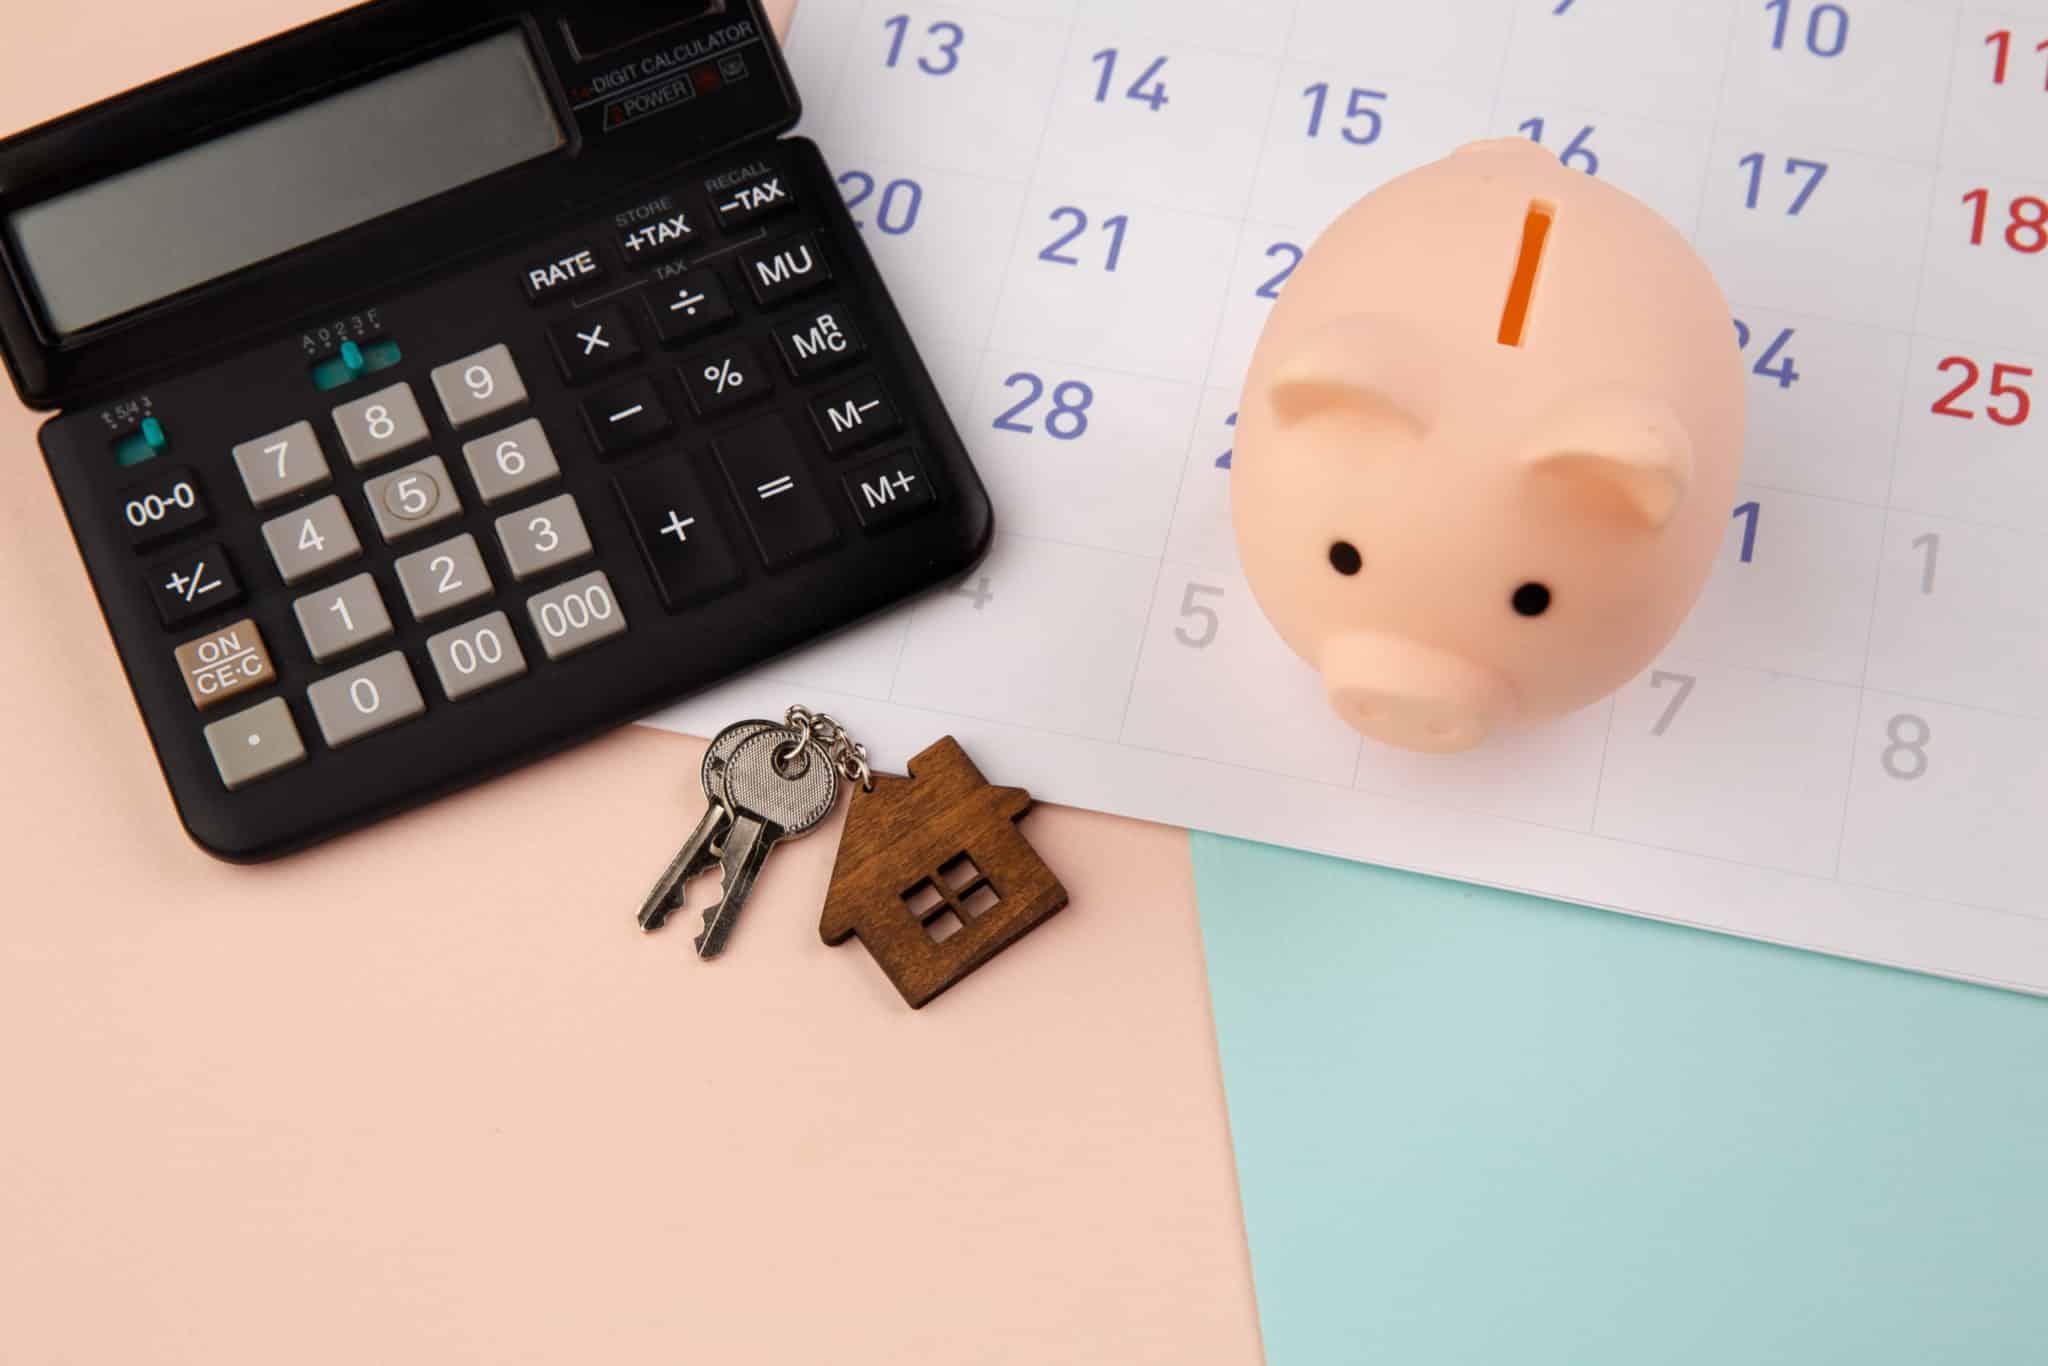 Souhaitez-vous un crédit revolving ou amortissable ?